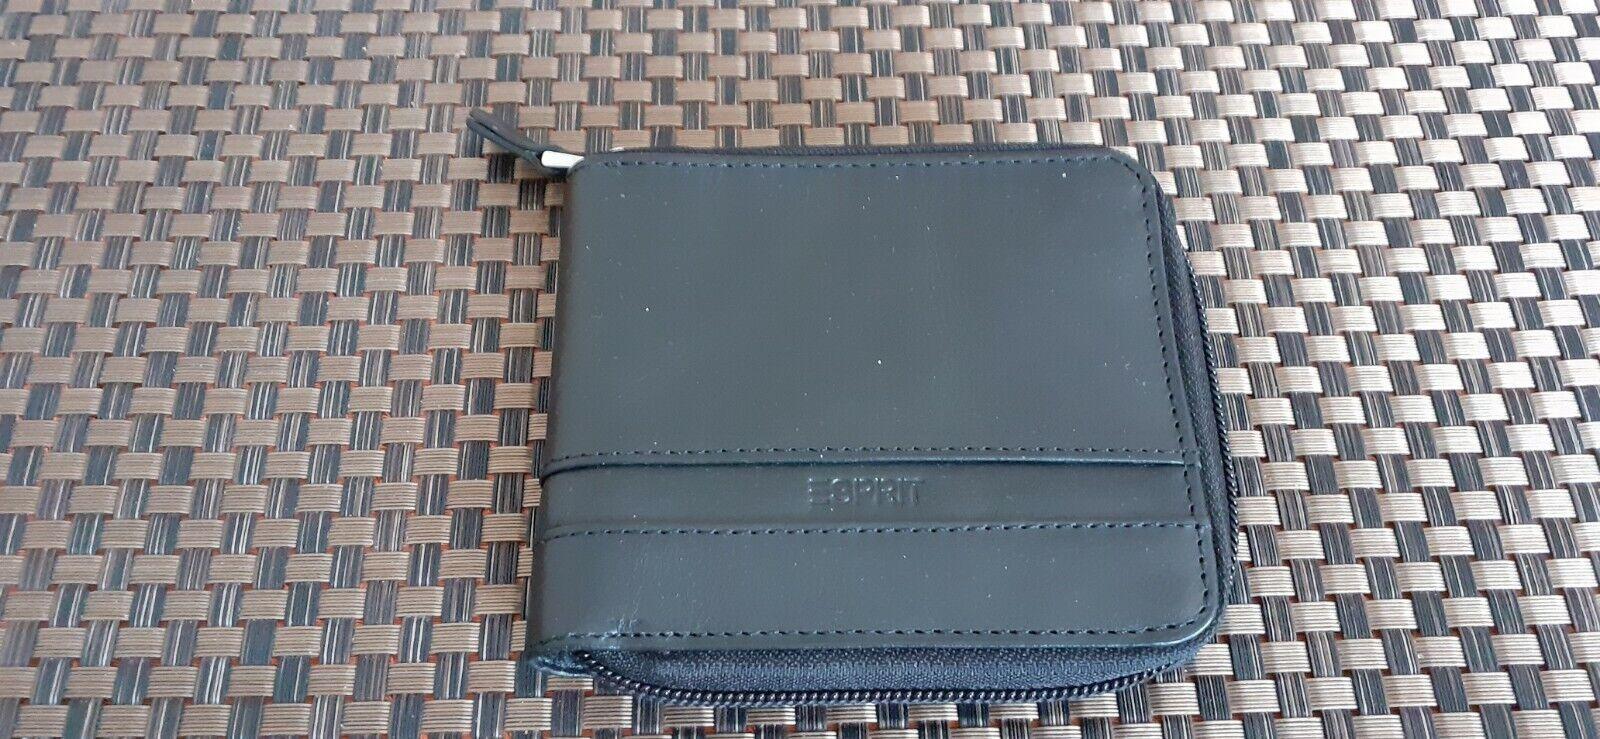 ESPRIT Rindsleder Reißverschluss Geldbörse Portemonnaie Geldbeutel Farbe schwarz